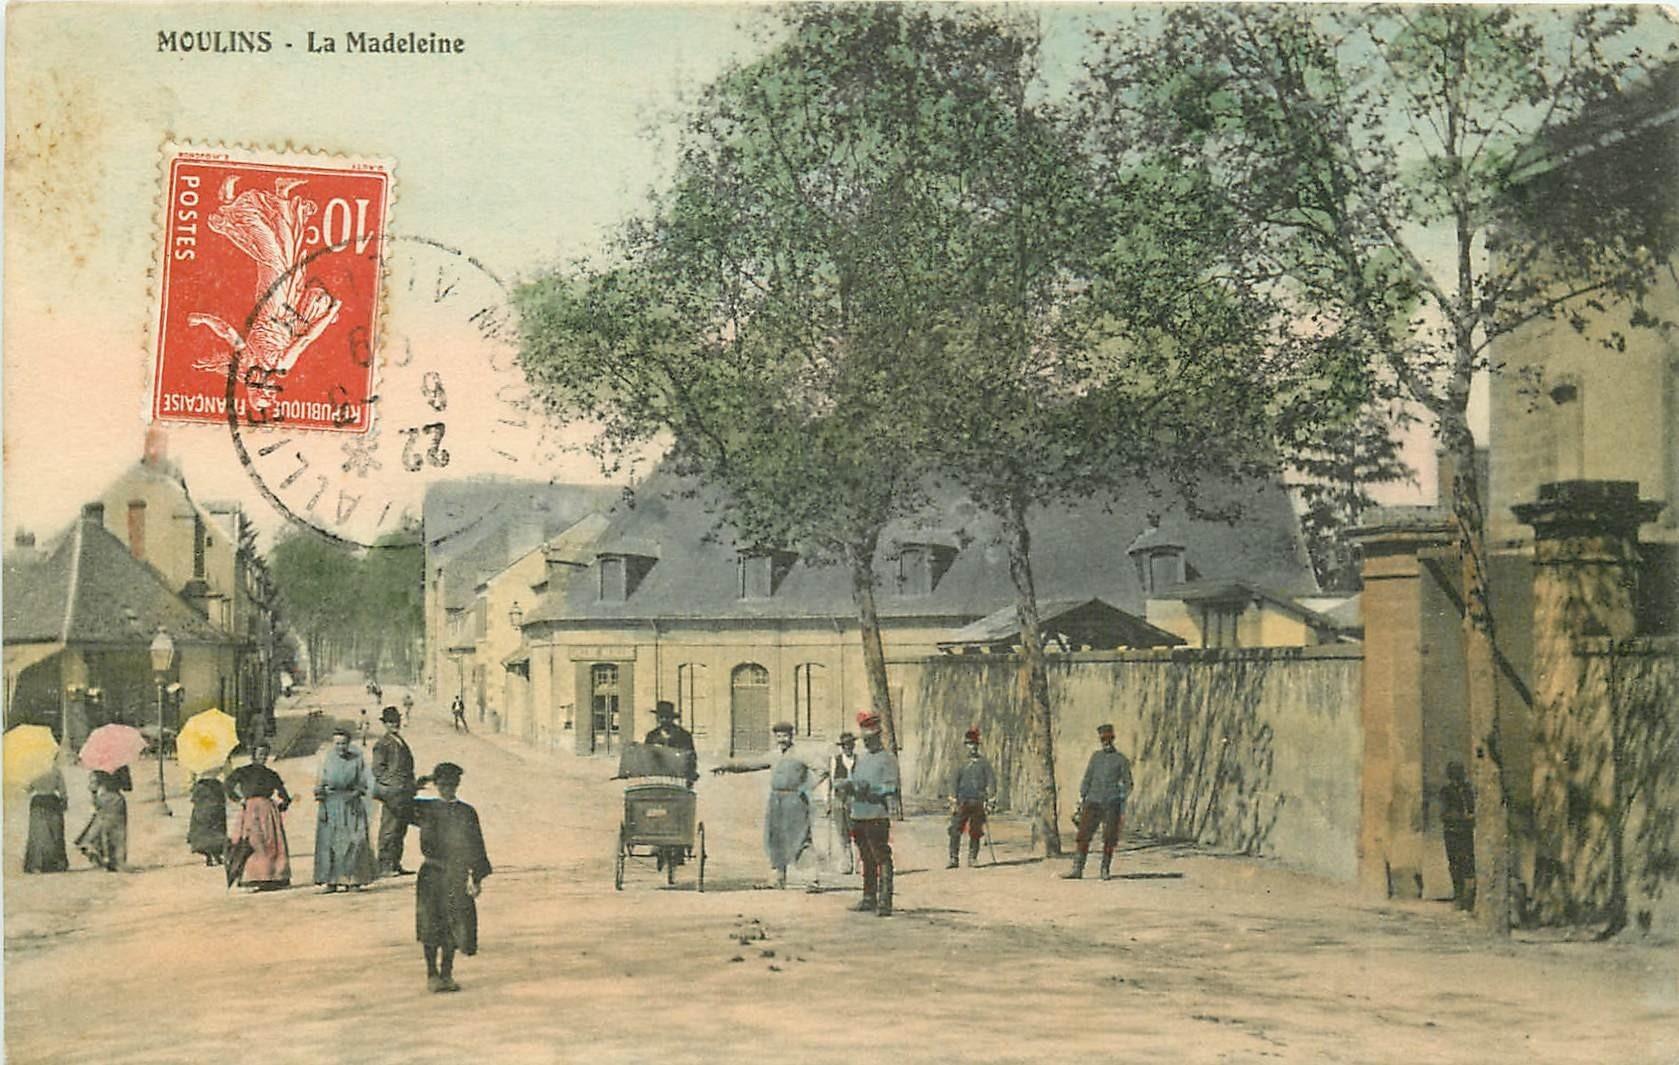 03 MOULINS. La Madeleine avec vendeur en triporteur 1909